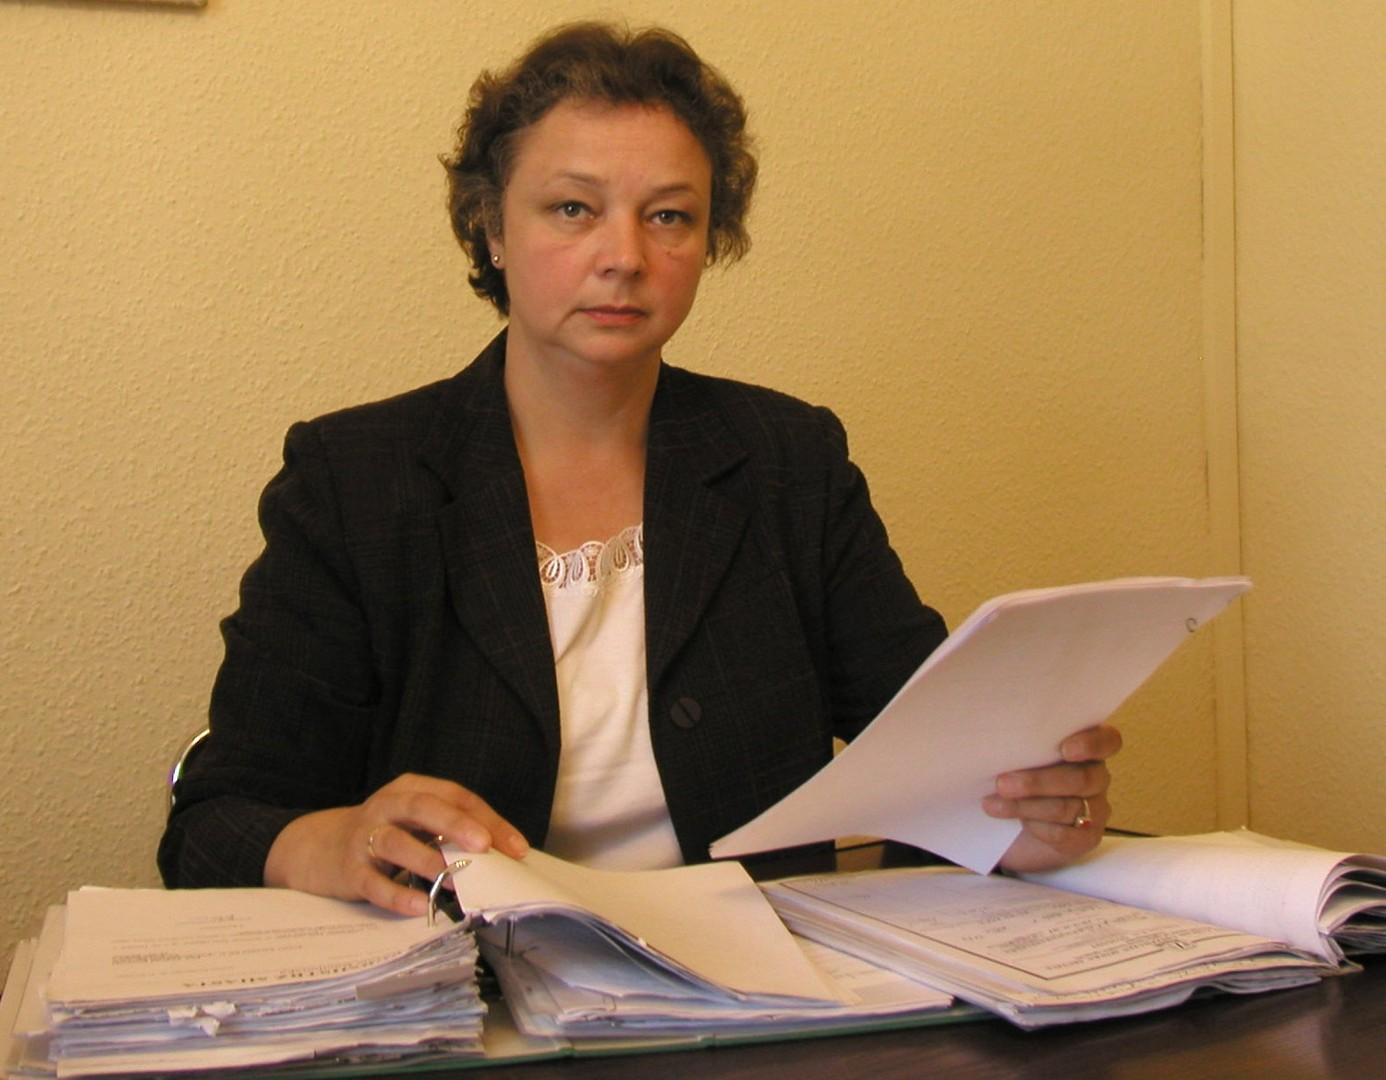 Odpowiedź byłej Burmistrz (2006-2014) Pani Rity Serafin do artykułu: